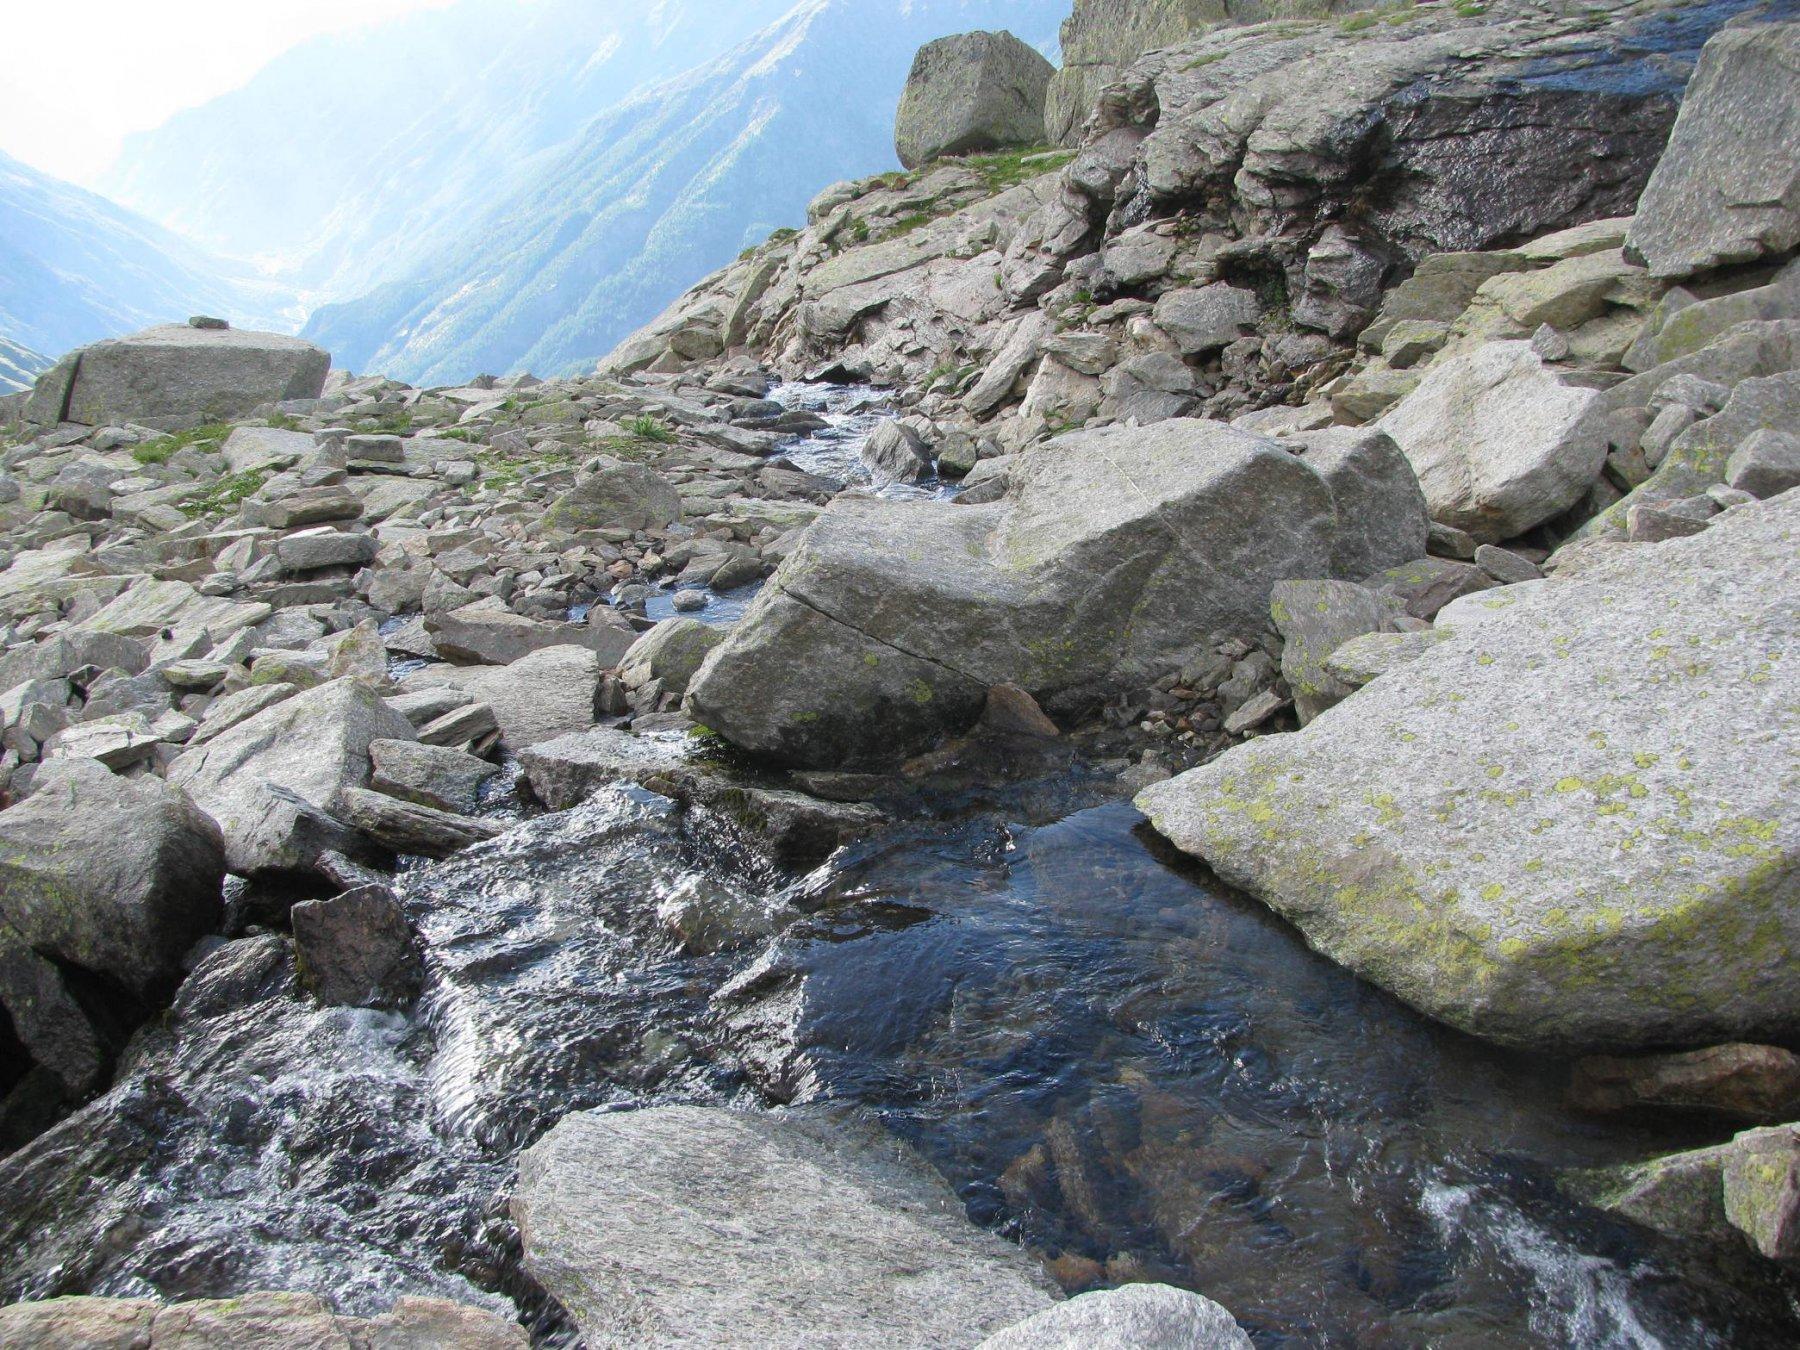 Presa del canale nel rio sotto il lago di quota 2668